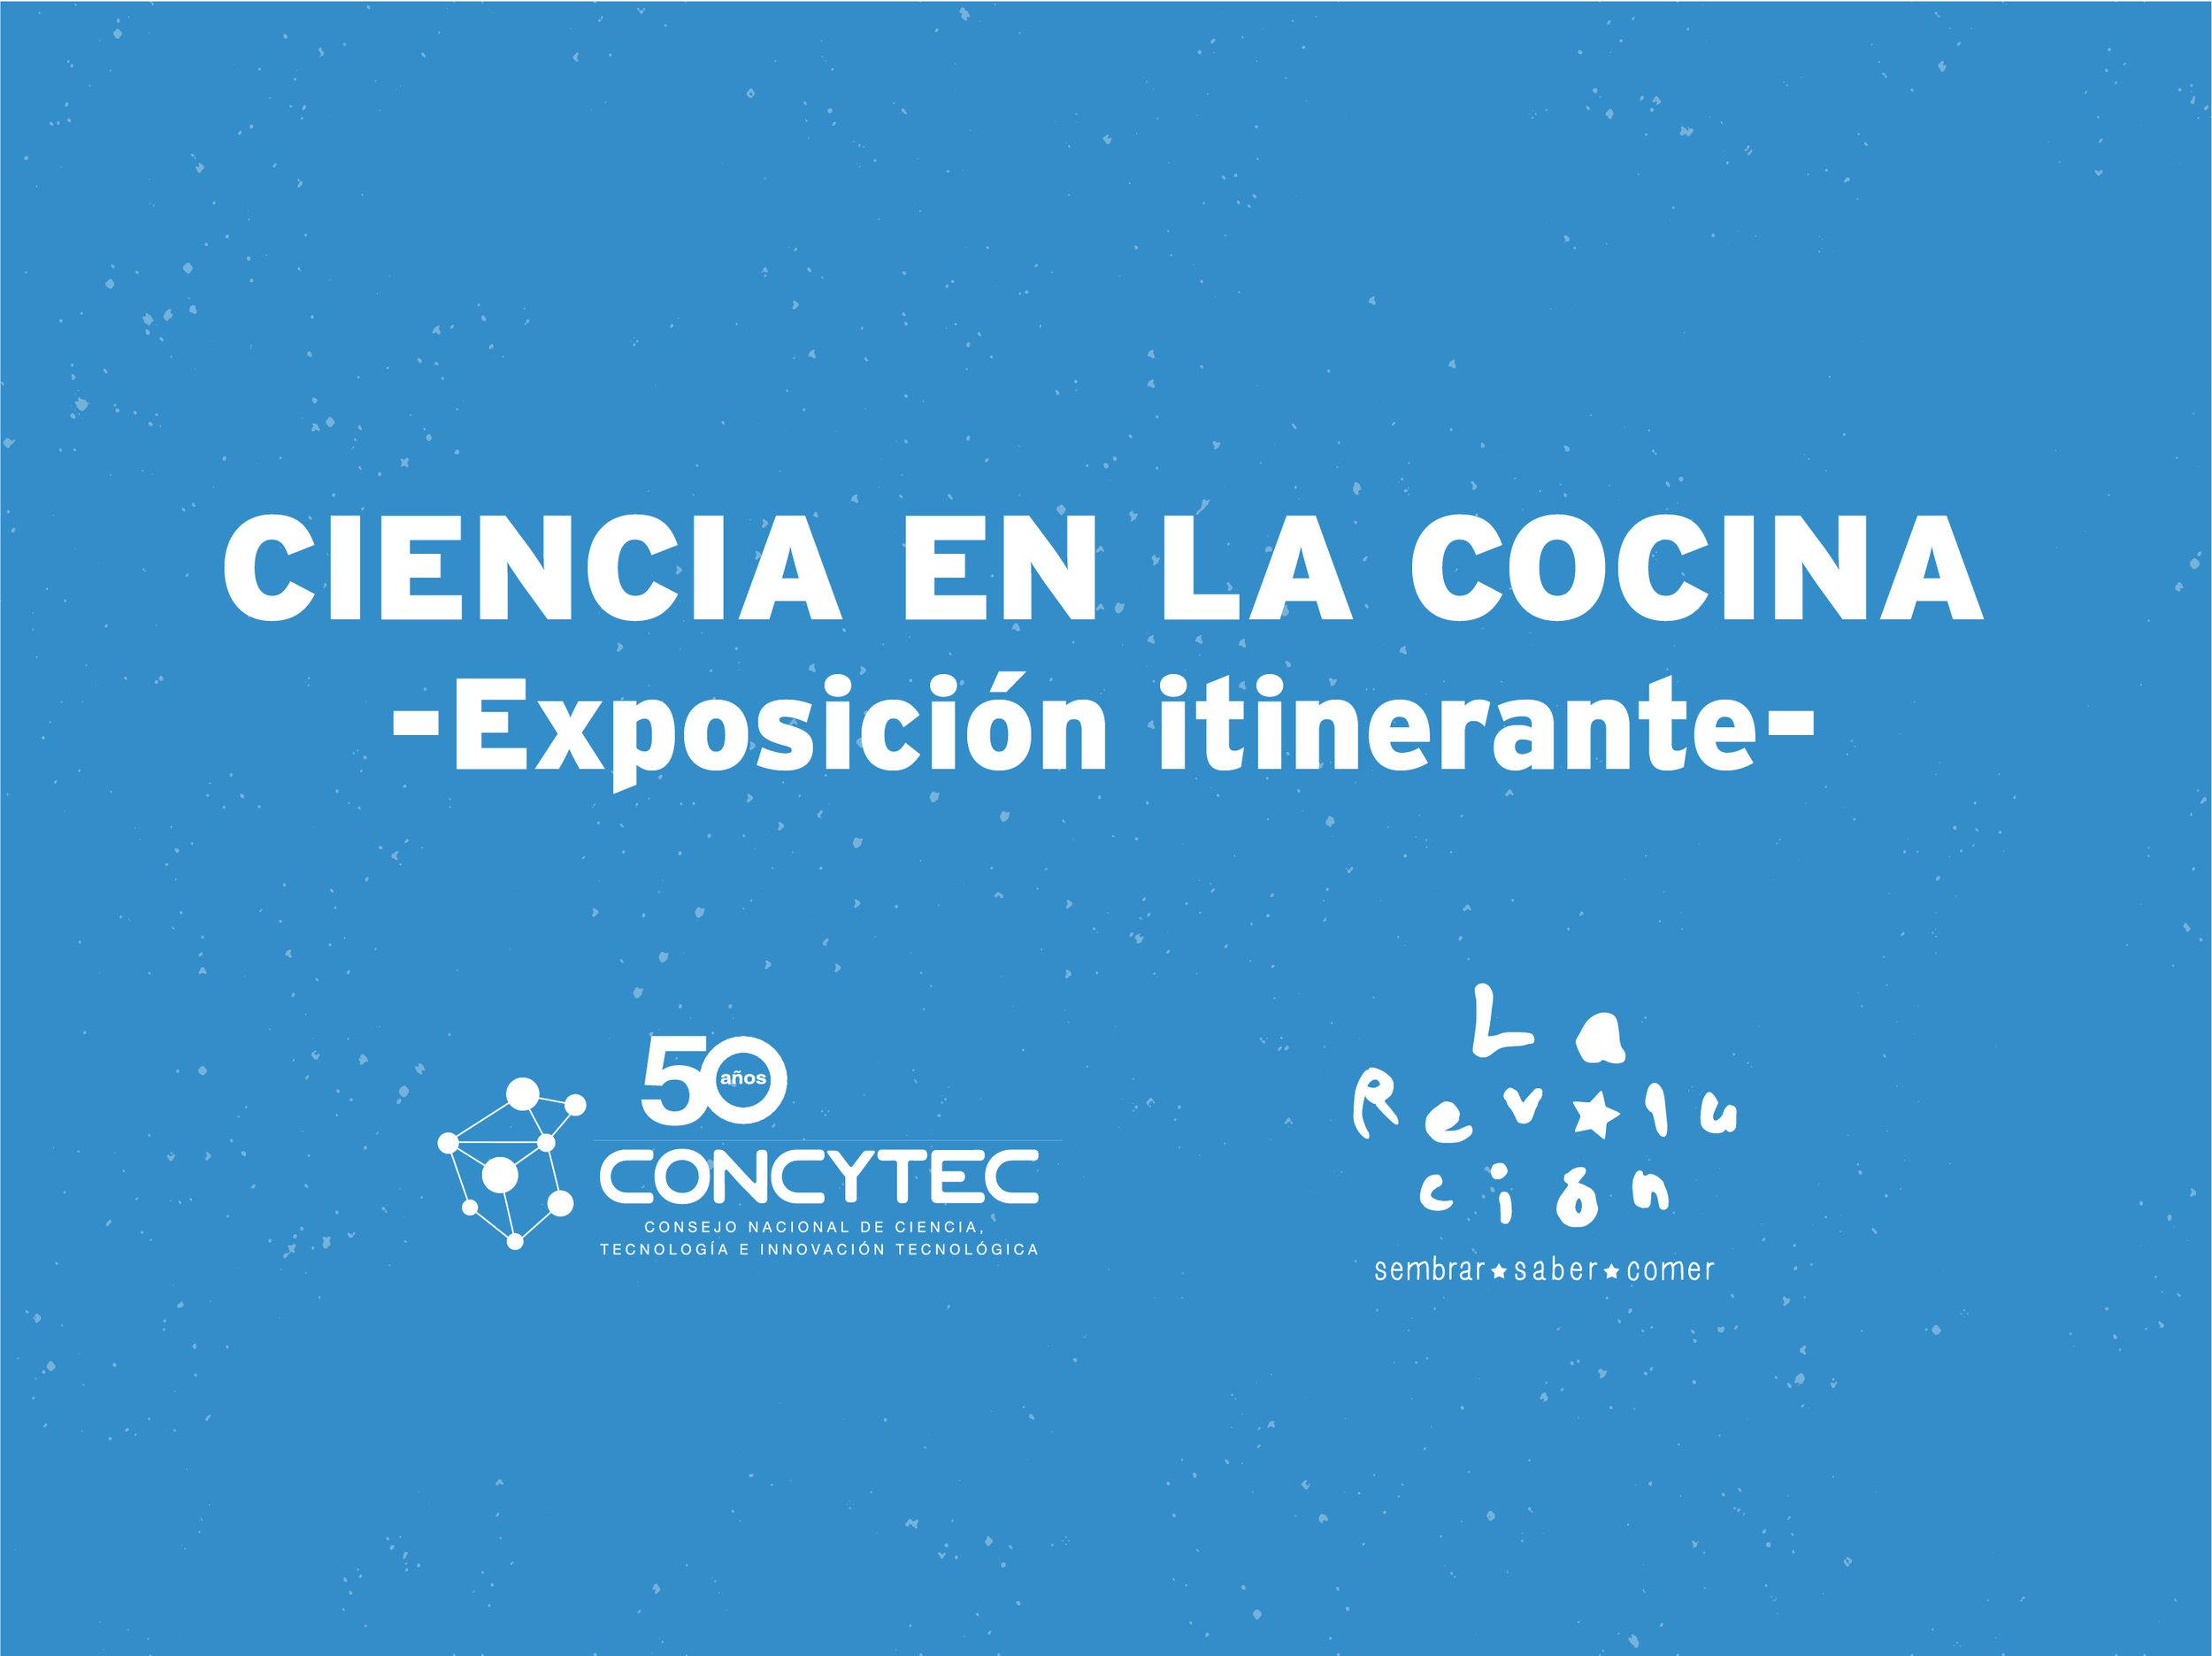 CIENCIA EN LA COCINA-COVER-07.jpg